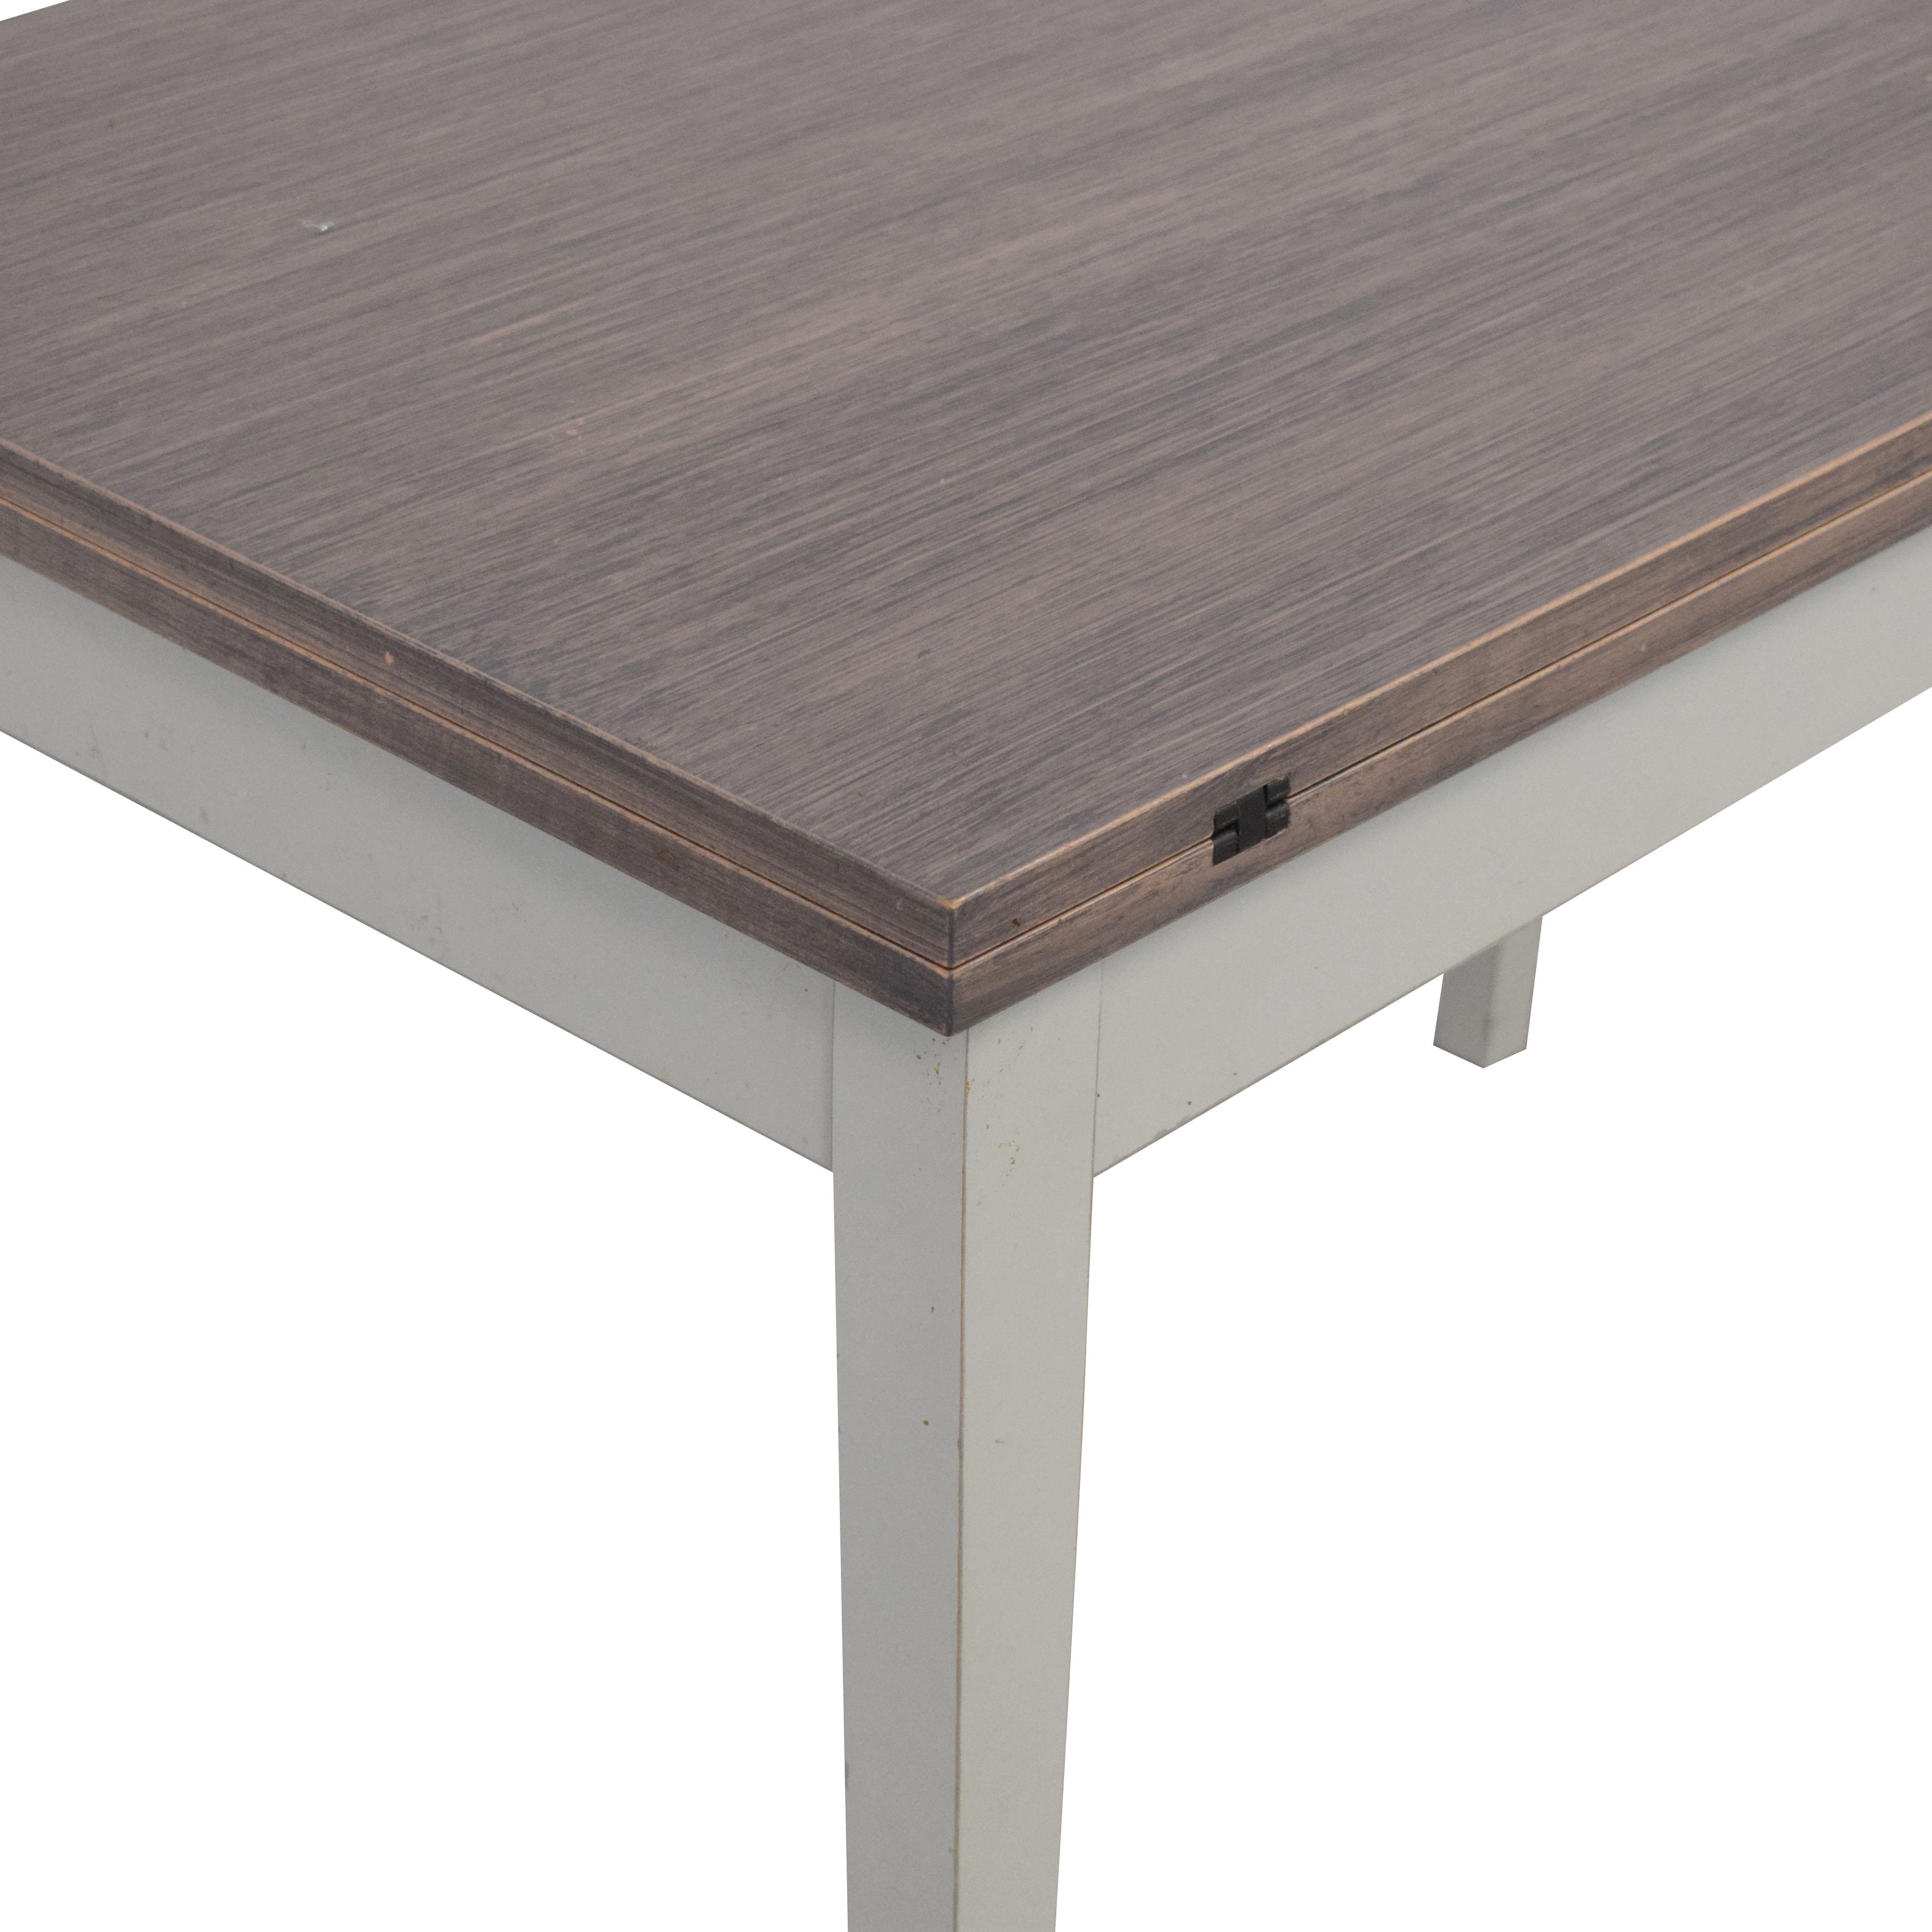 buy Crate & Barrel Flip Table Crate & Barrel Tables